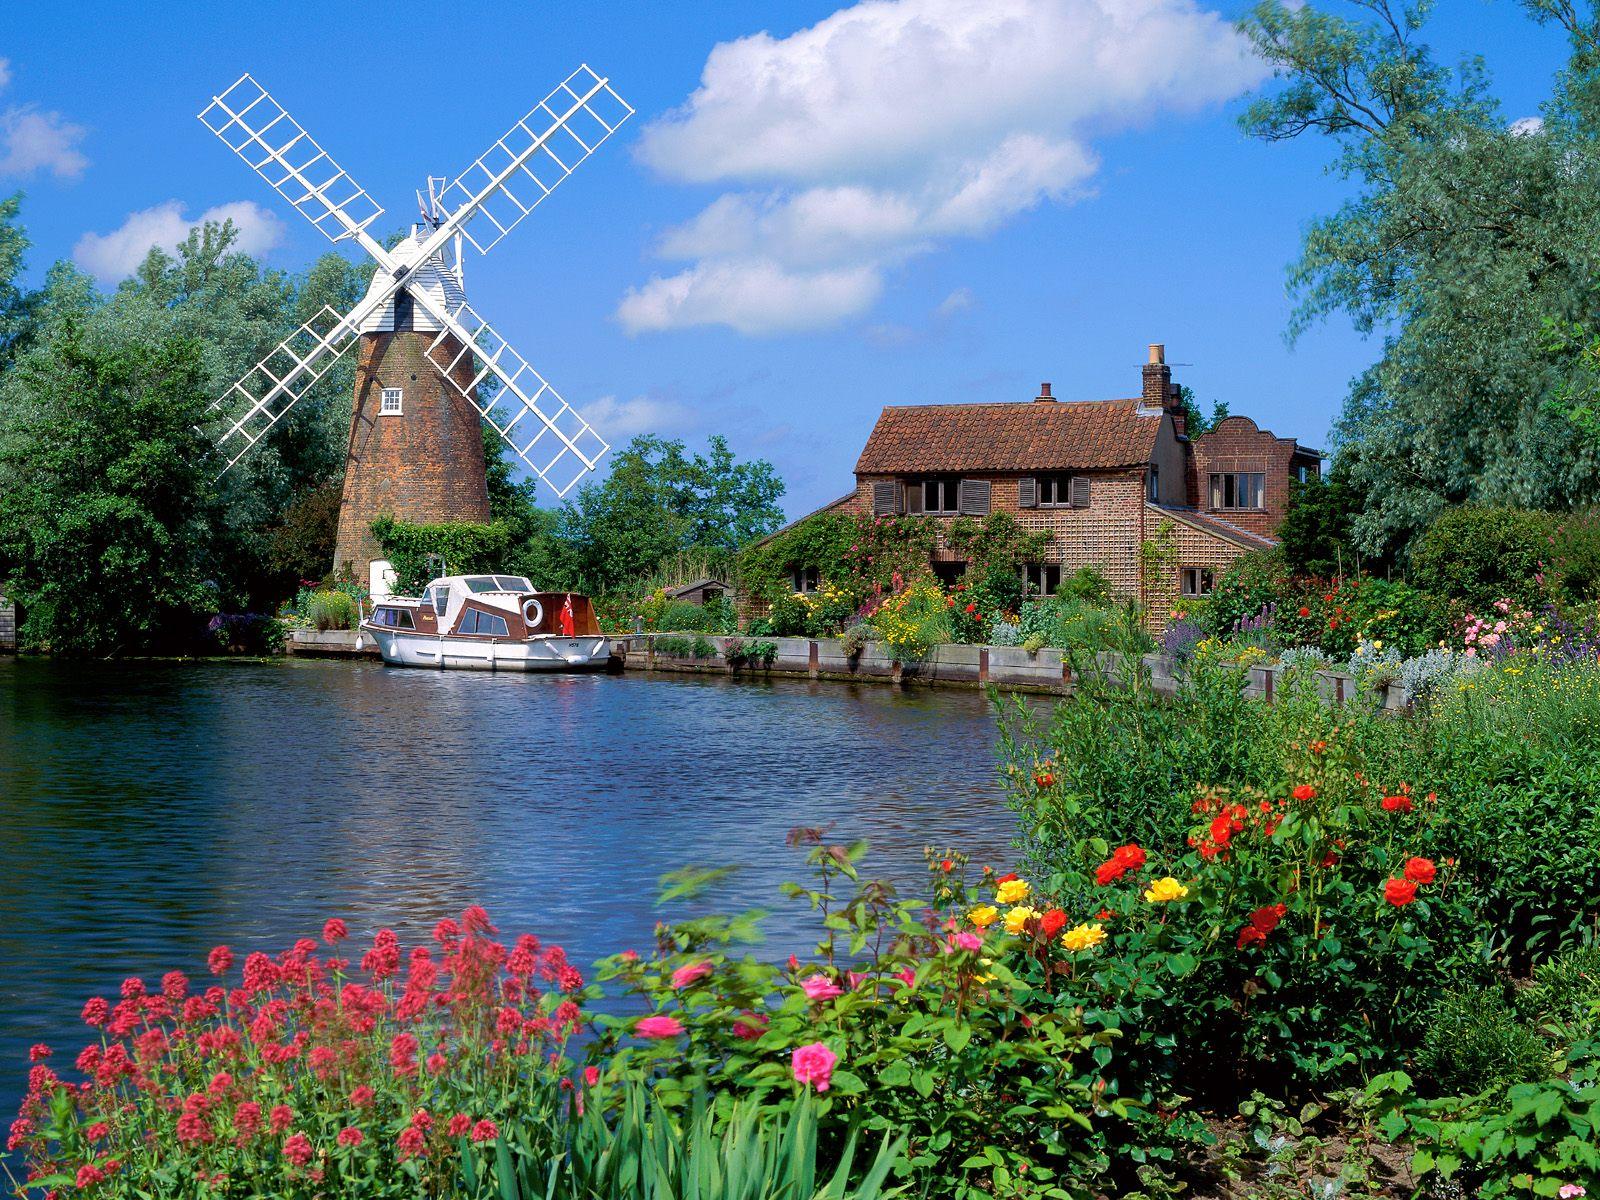 Hunsett Mill England Wallpapers HD Wallpapers 1600x1200